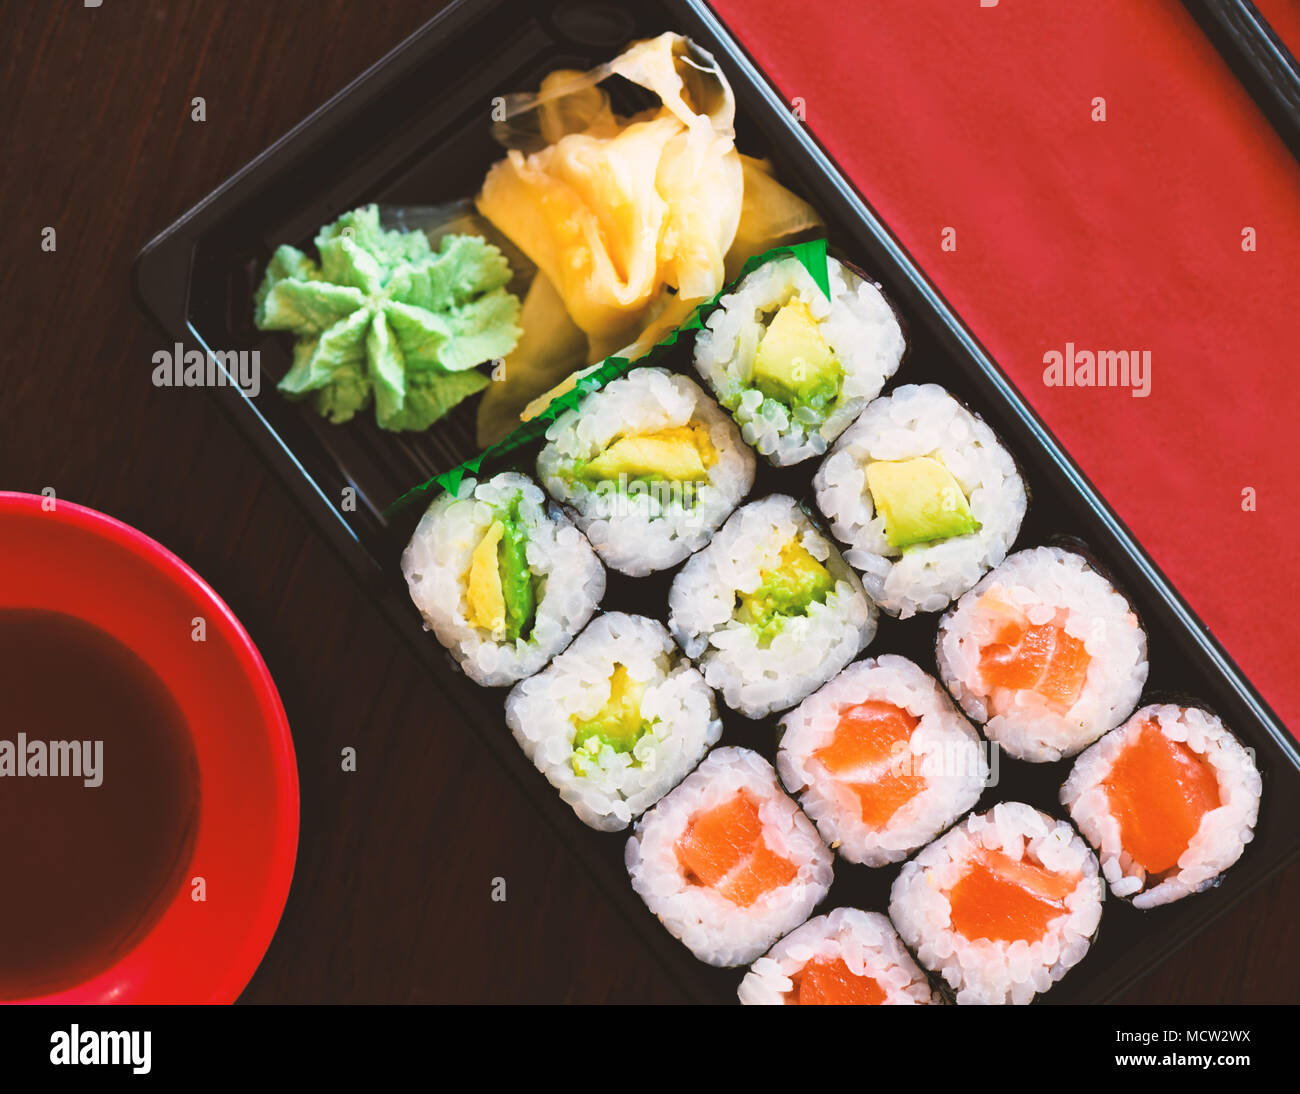 Sushi Take Away Box con Maki e Calofornia ha rotoli e nigiri withSalmon e tonno. Servito in una scatola da asporto con zenzero e Wasabi. Set di sushi Immagini Stock